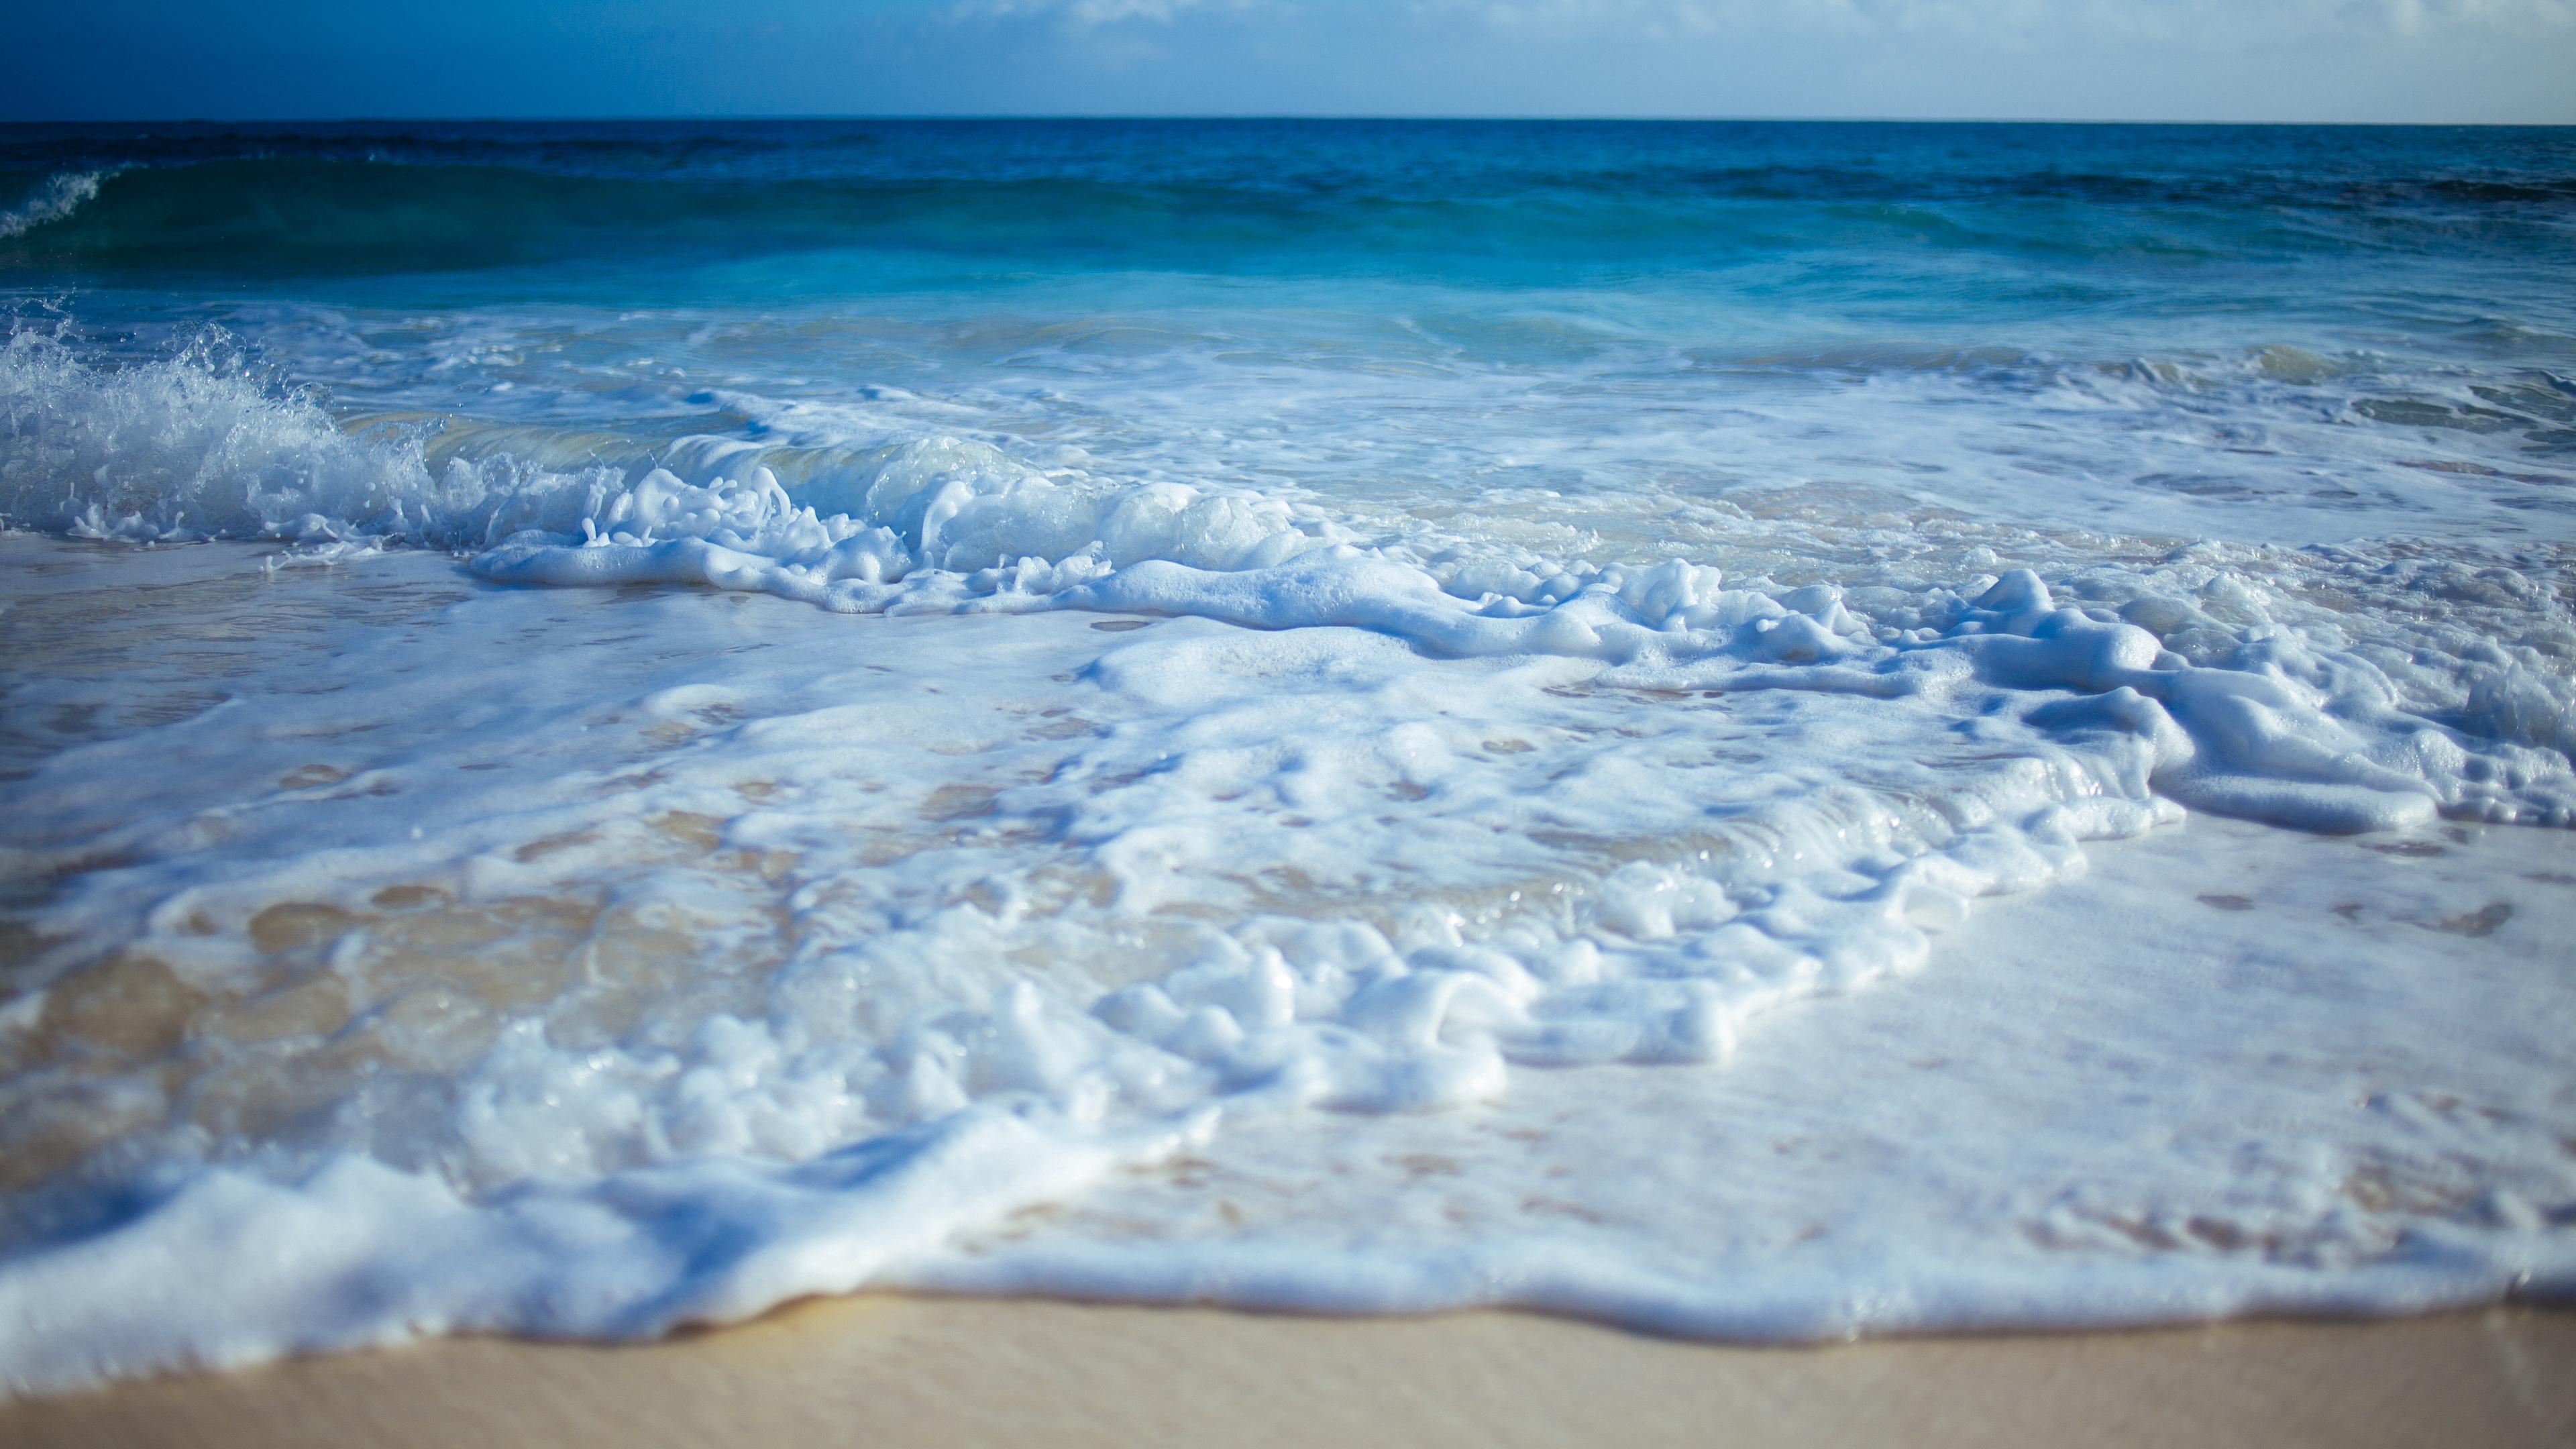 beach sand waves surf 4k 1541116362 - beach, sand, waves, surf 4k - Waves, Sand, Beach